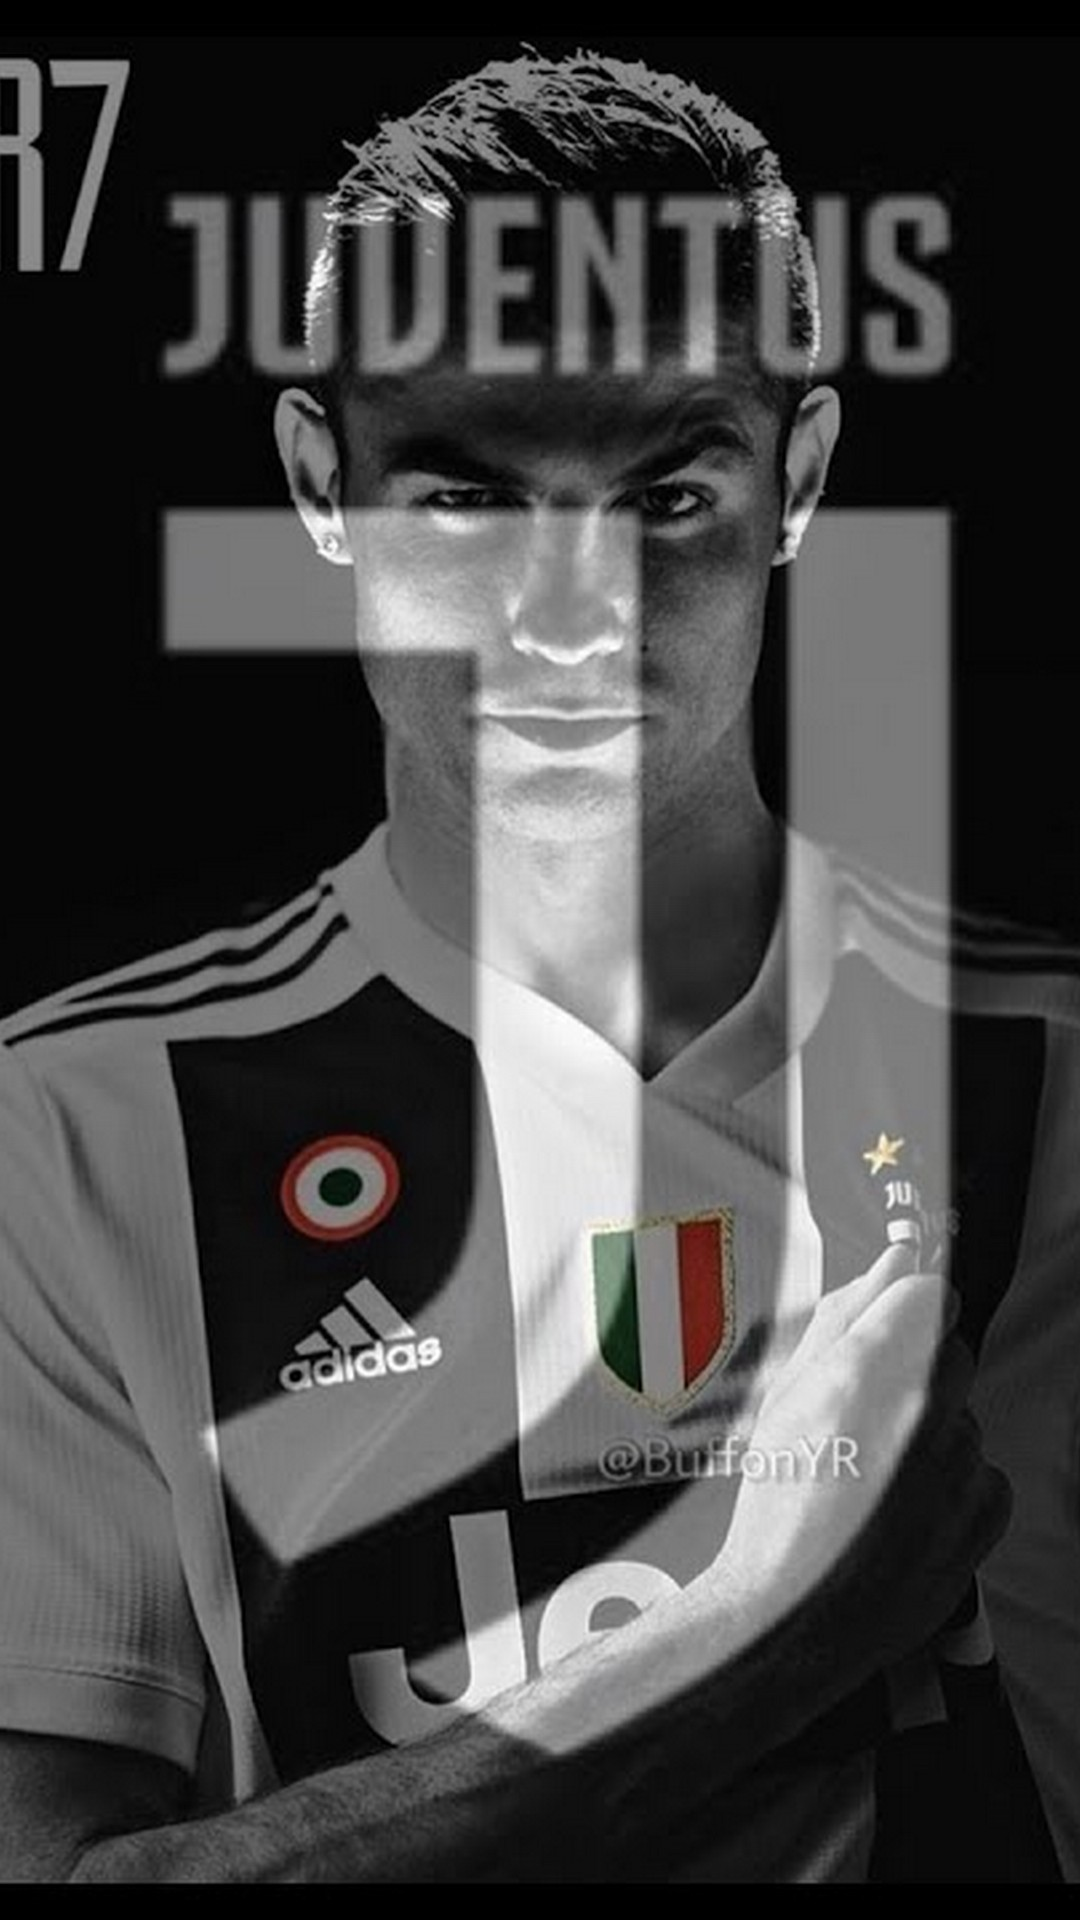 C Ronaldo Juventus Wallpaper For iPhone 2020 3D iPhone Wallpaper 1080x1920